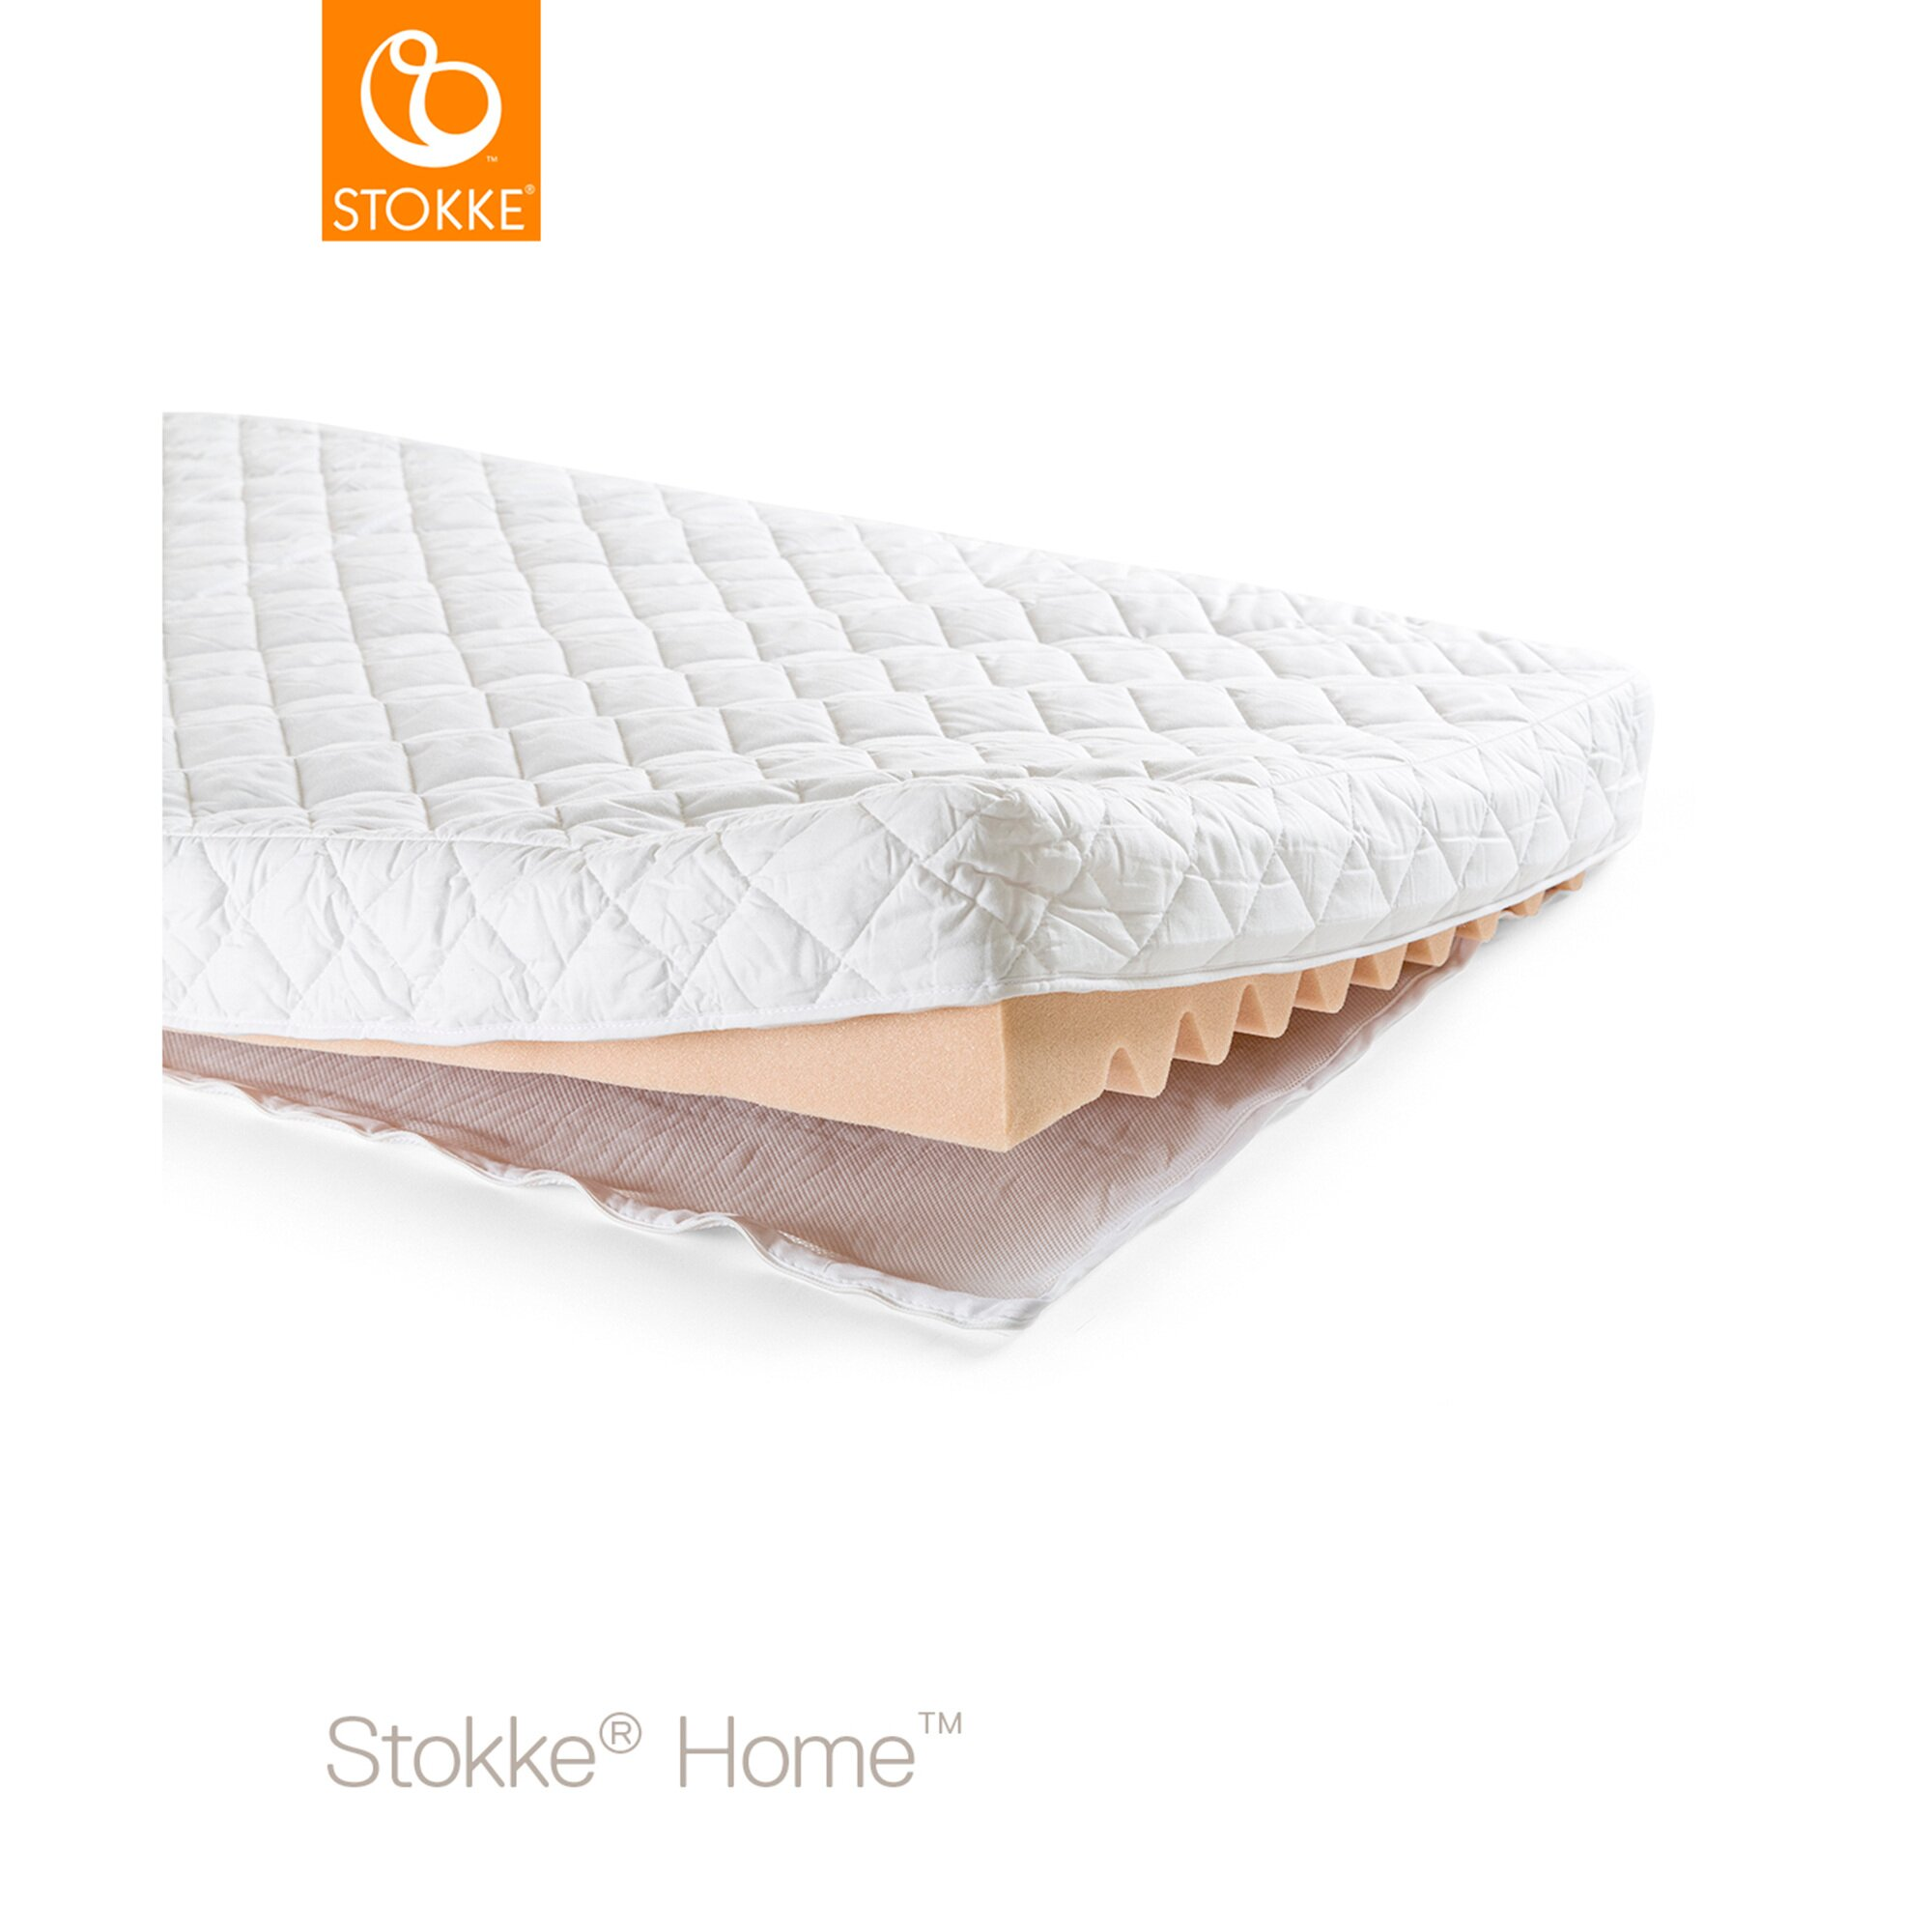 home-matratze-stokke-home-70x132-cm